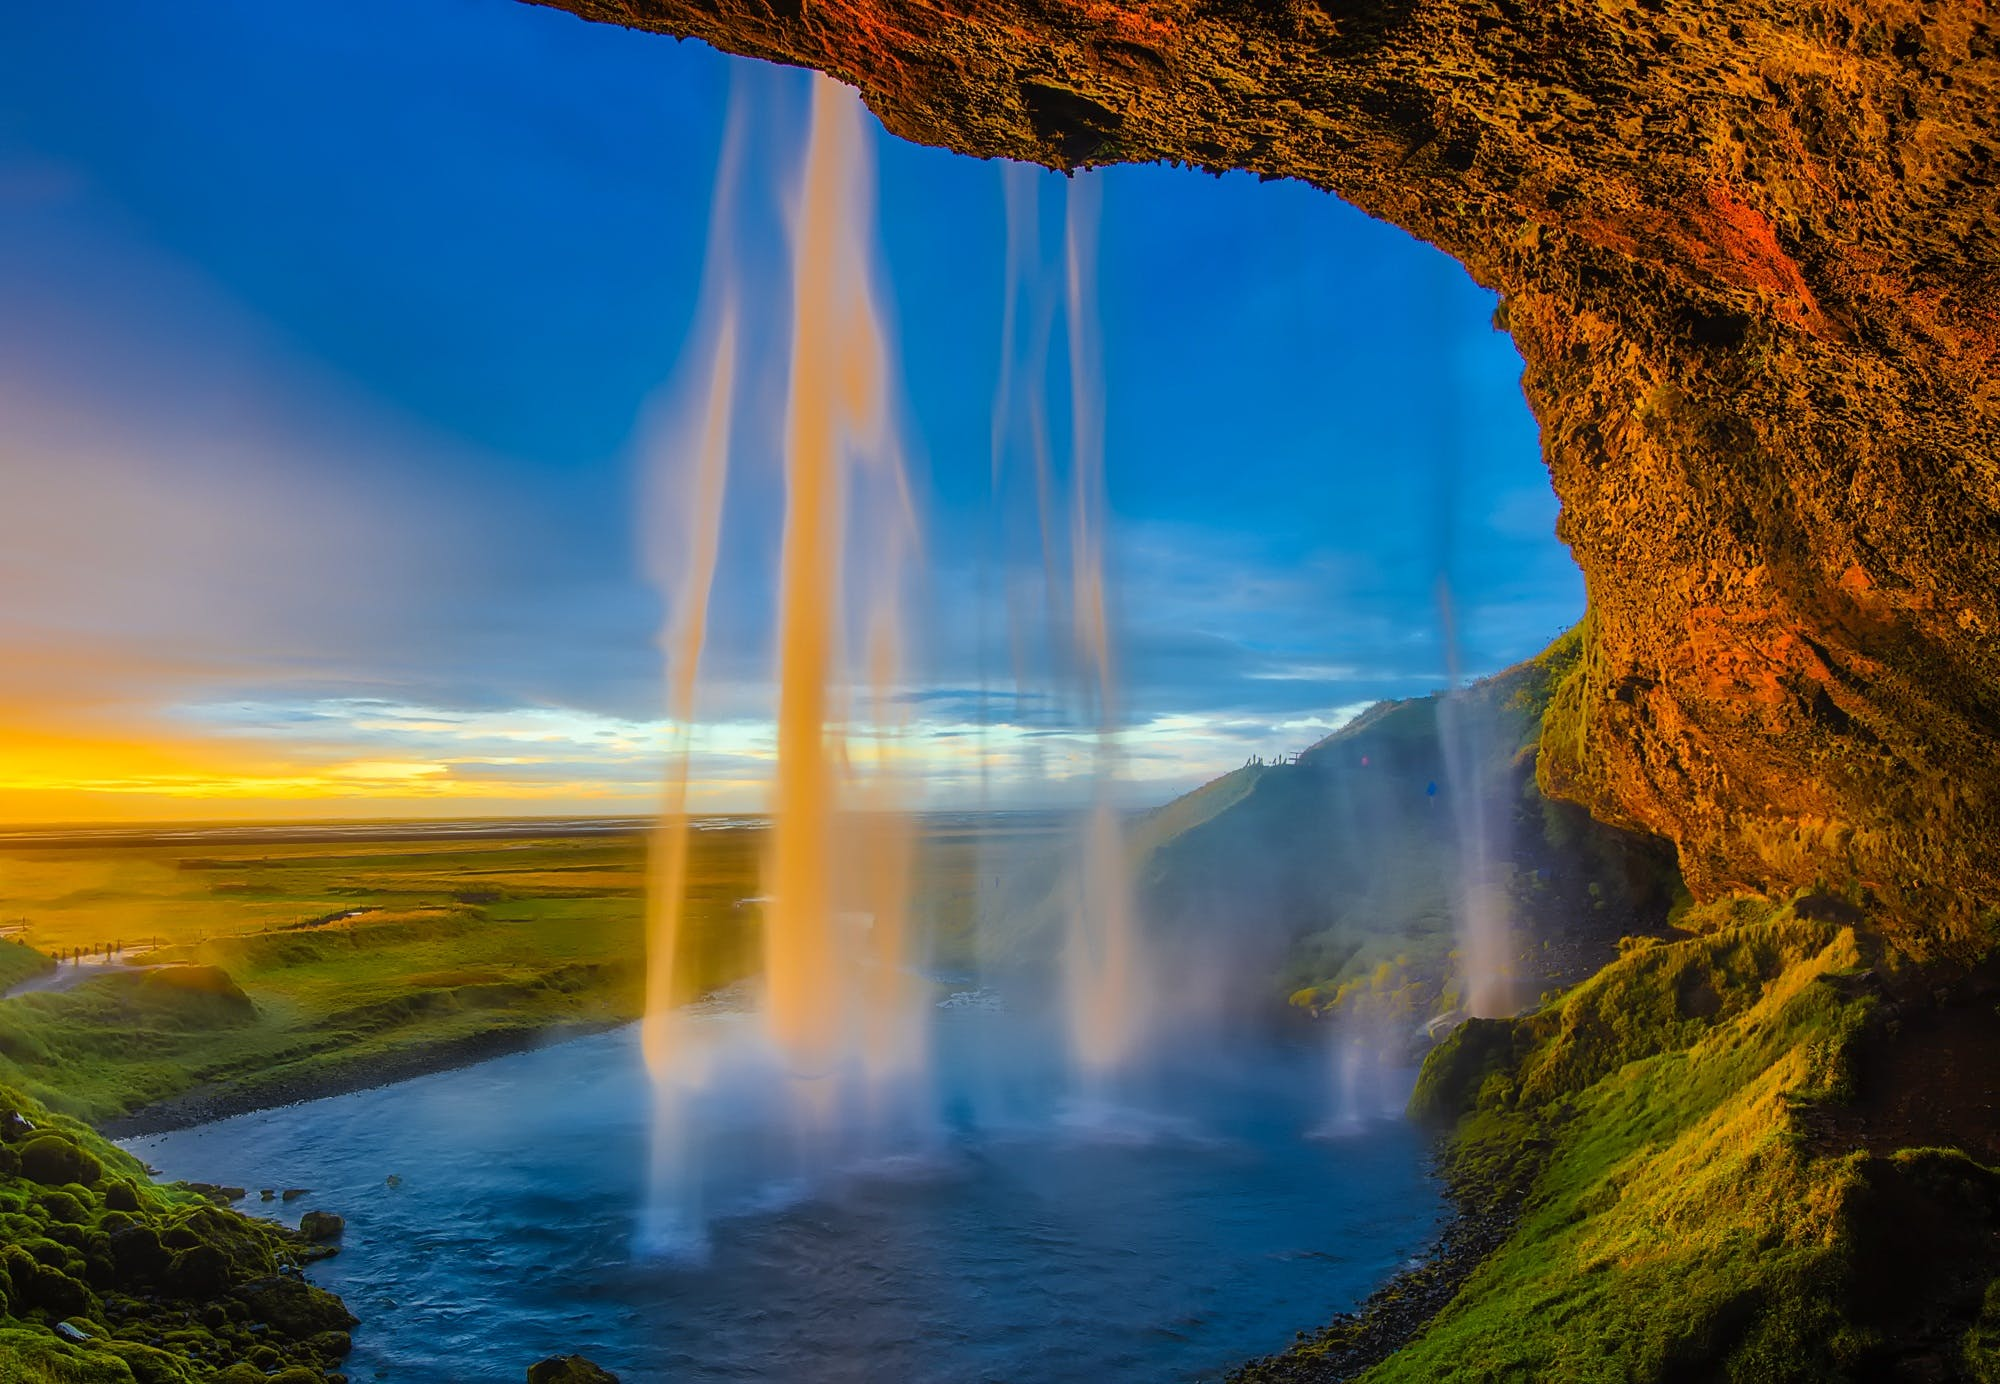 cascade, cliff, clouds